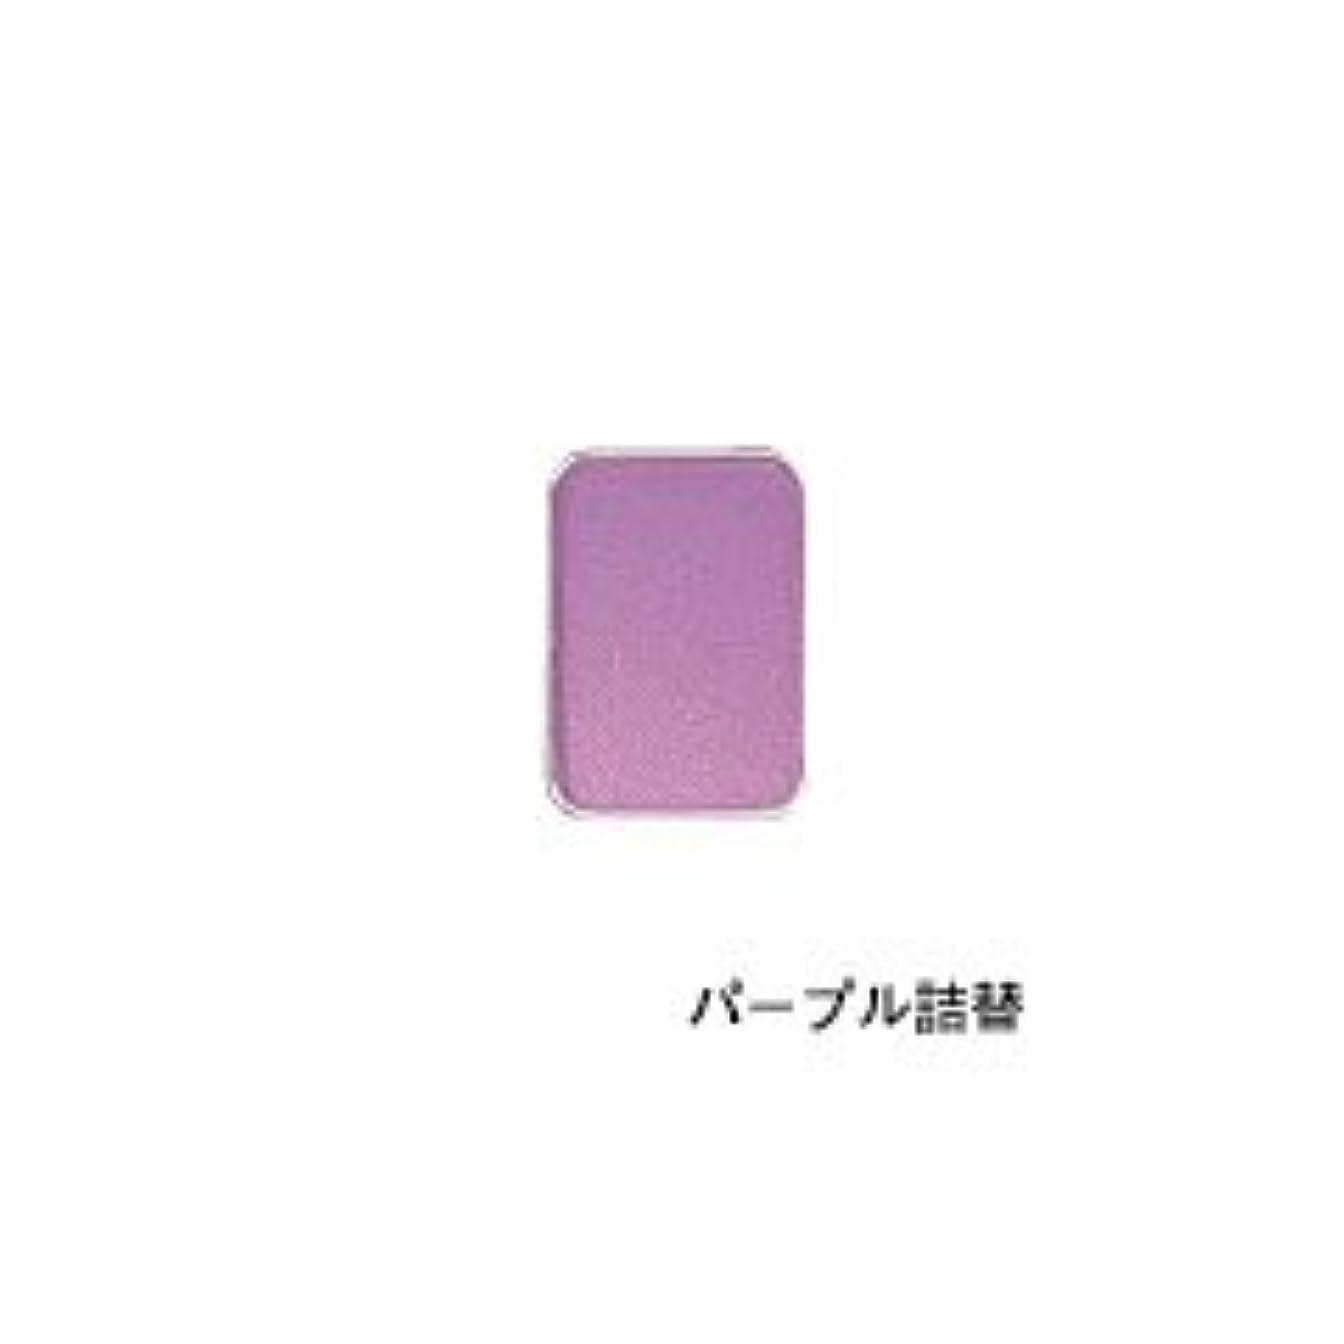 ベスト表向き冊子リマナチュラル ピュアアイカラー 詰替用 パープル×2個       JAN:4514991230446